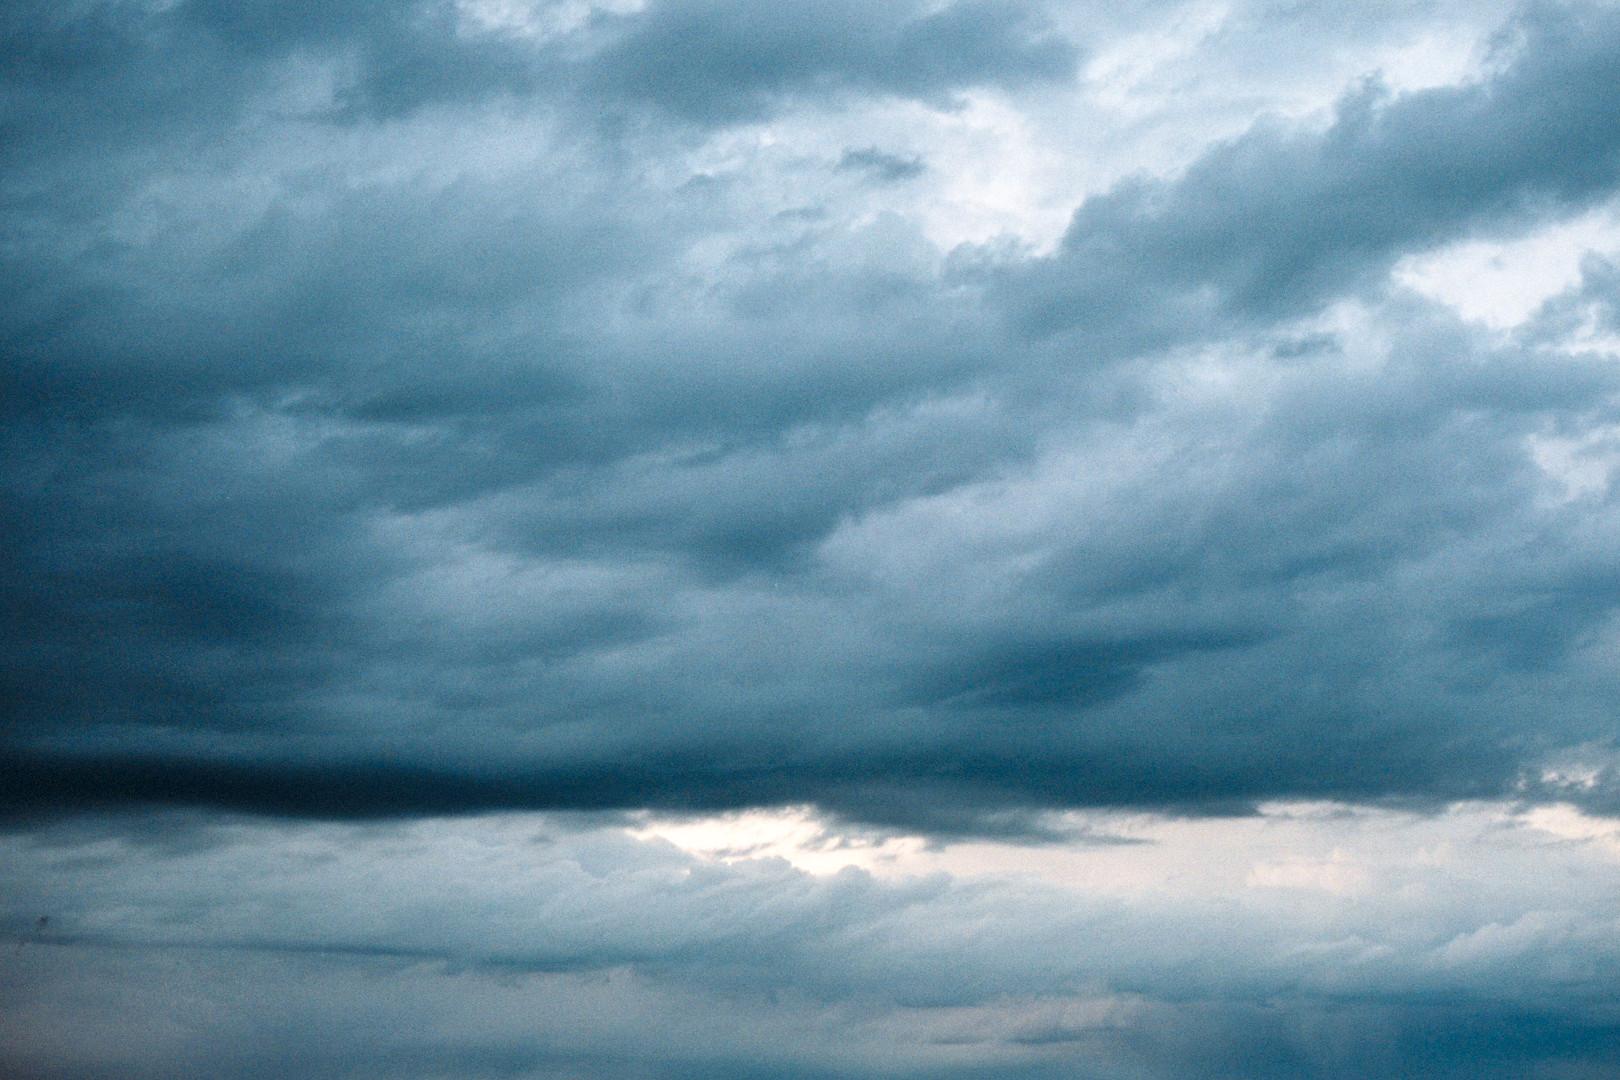 sky#9